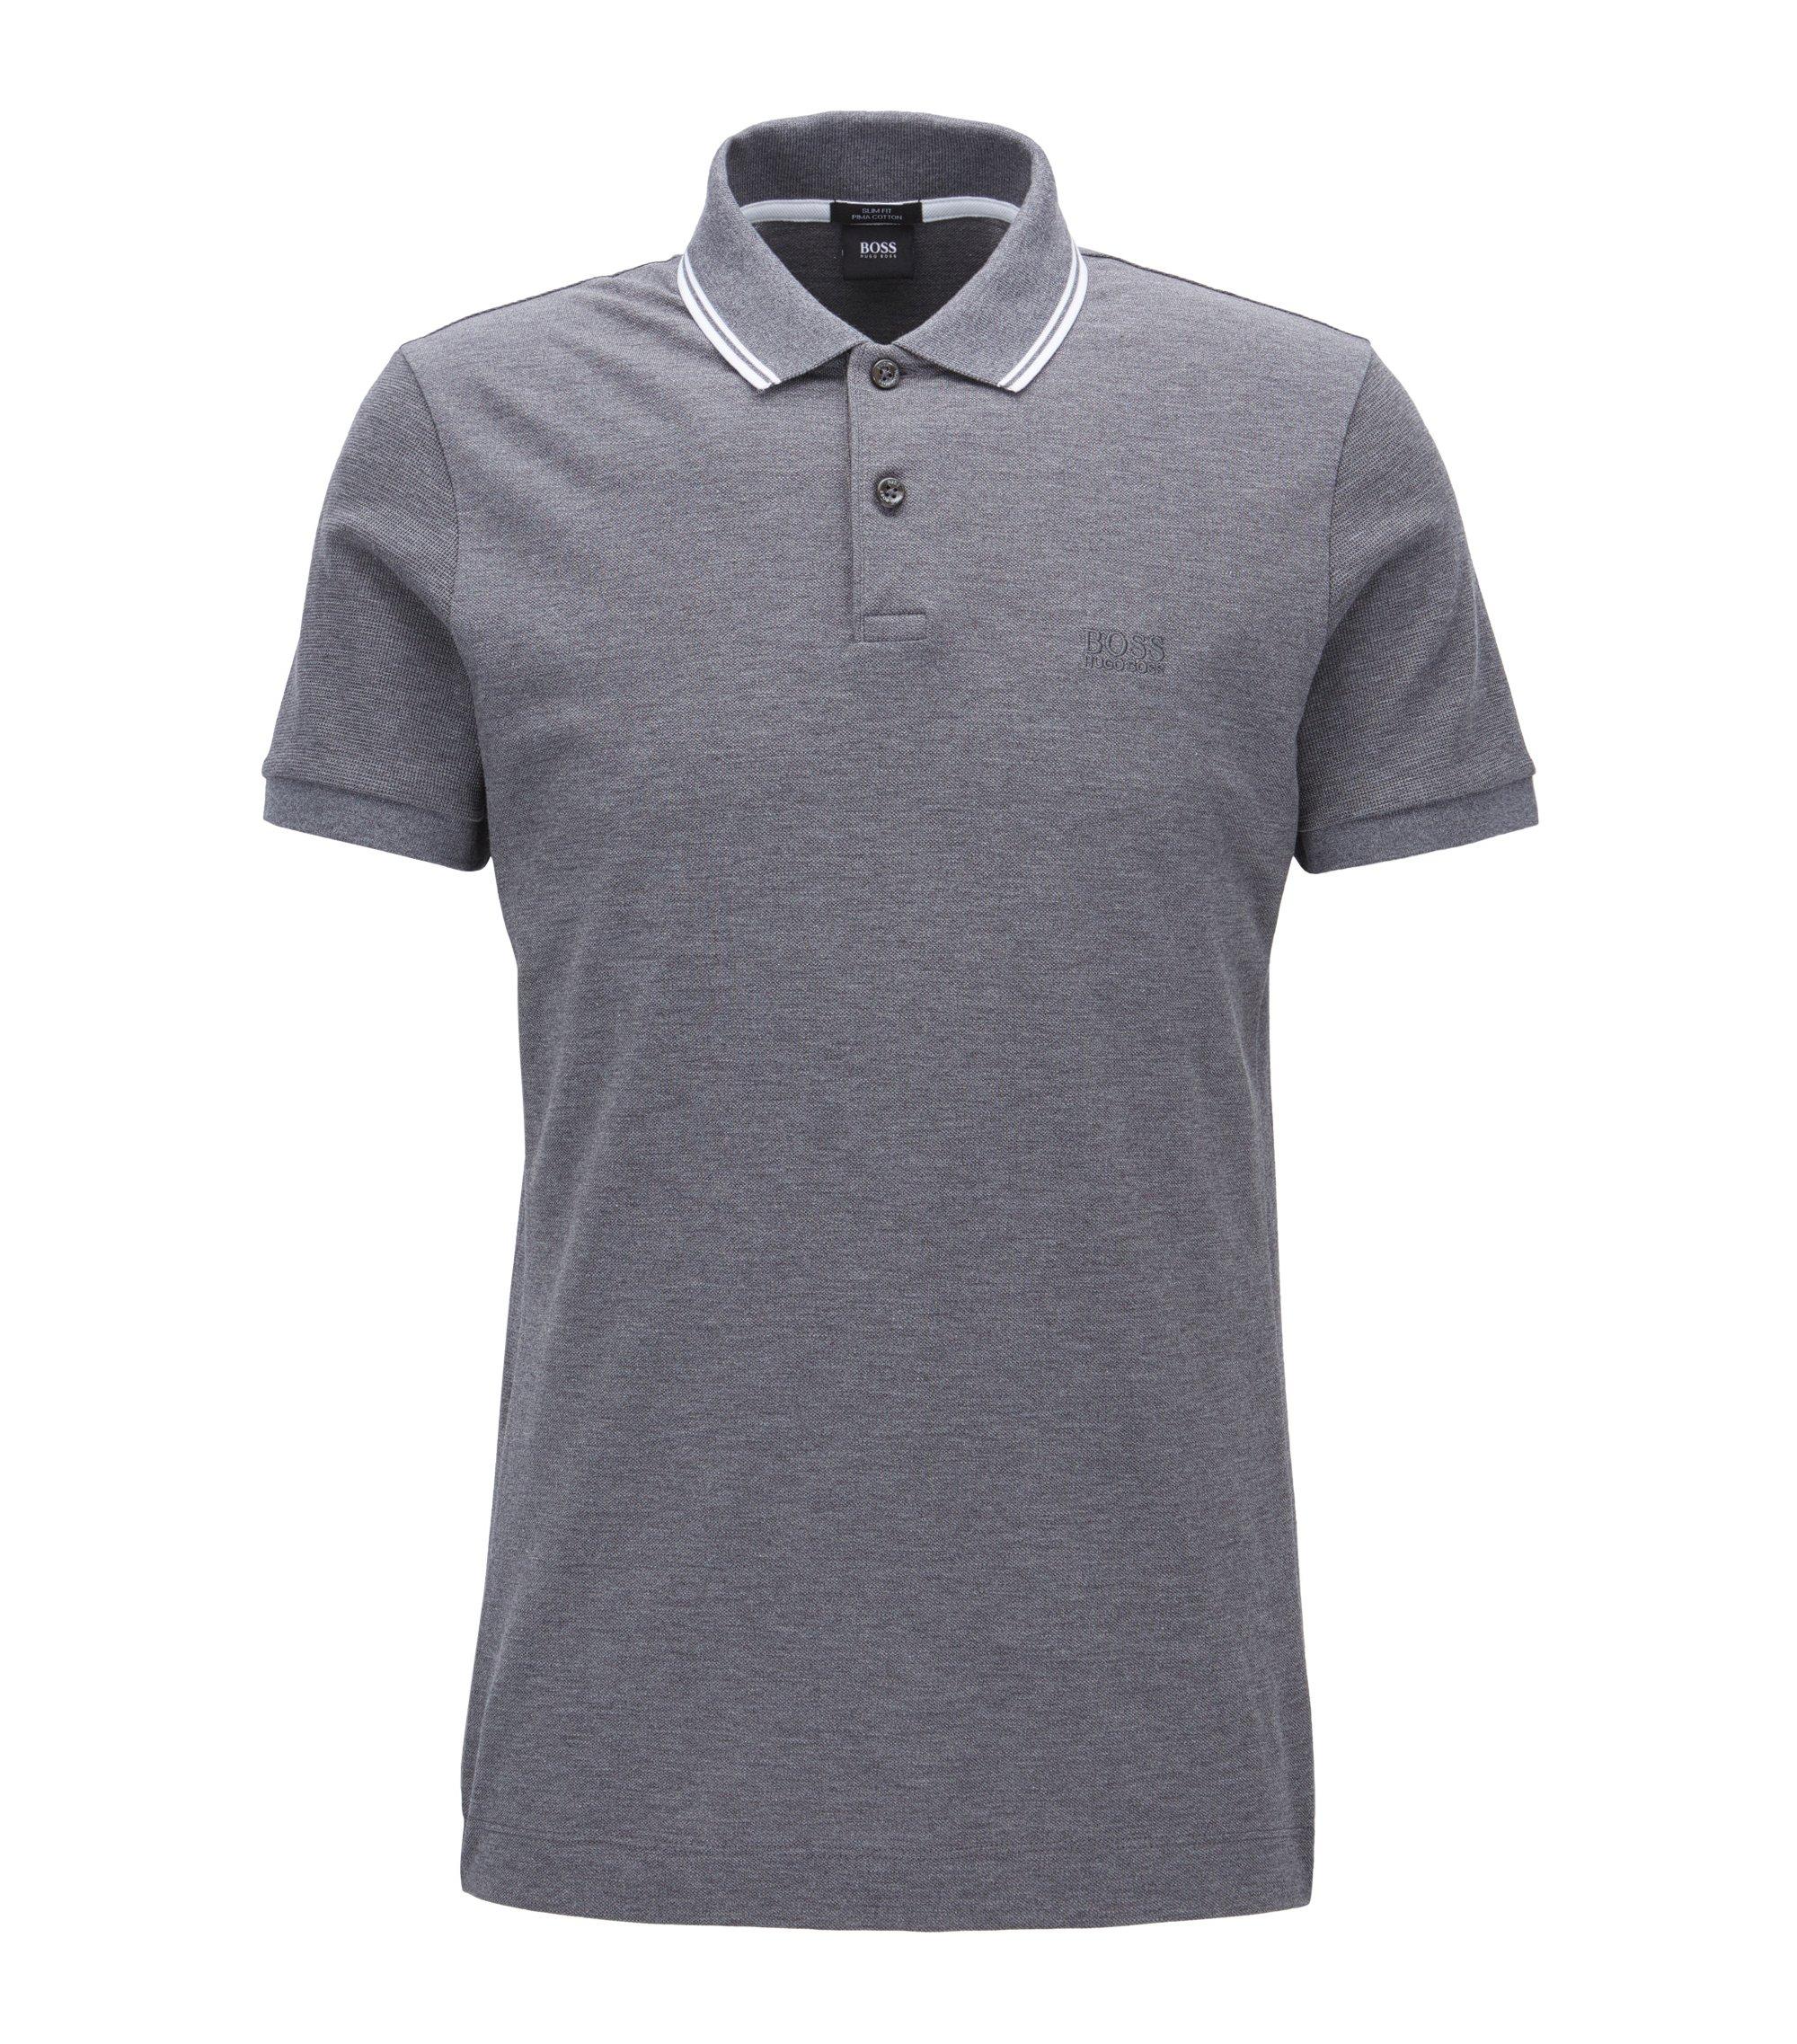 Piqué Pima Cotton Polo Shirt, Slim Fit | Phillipson, Grey